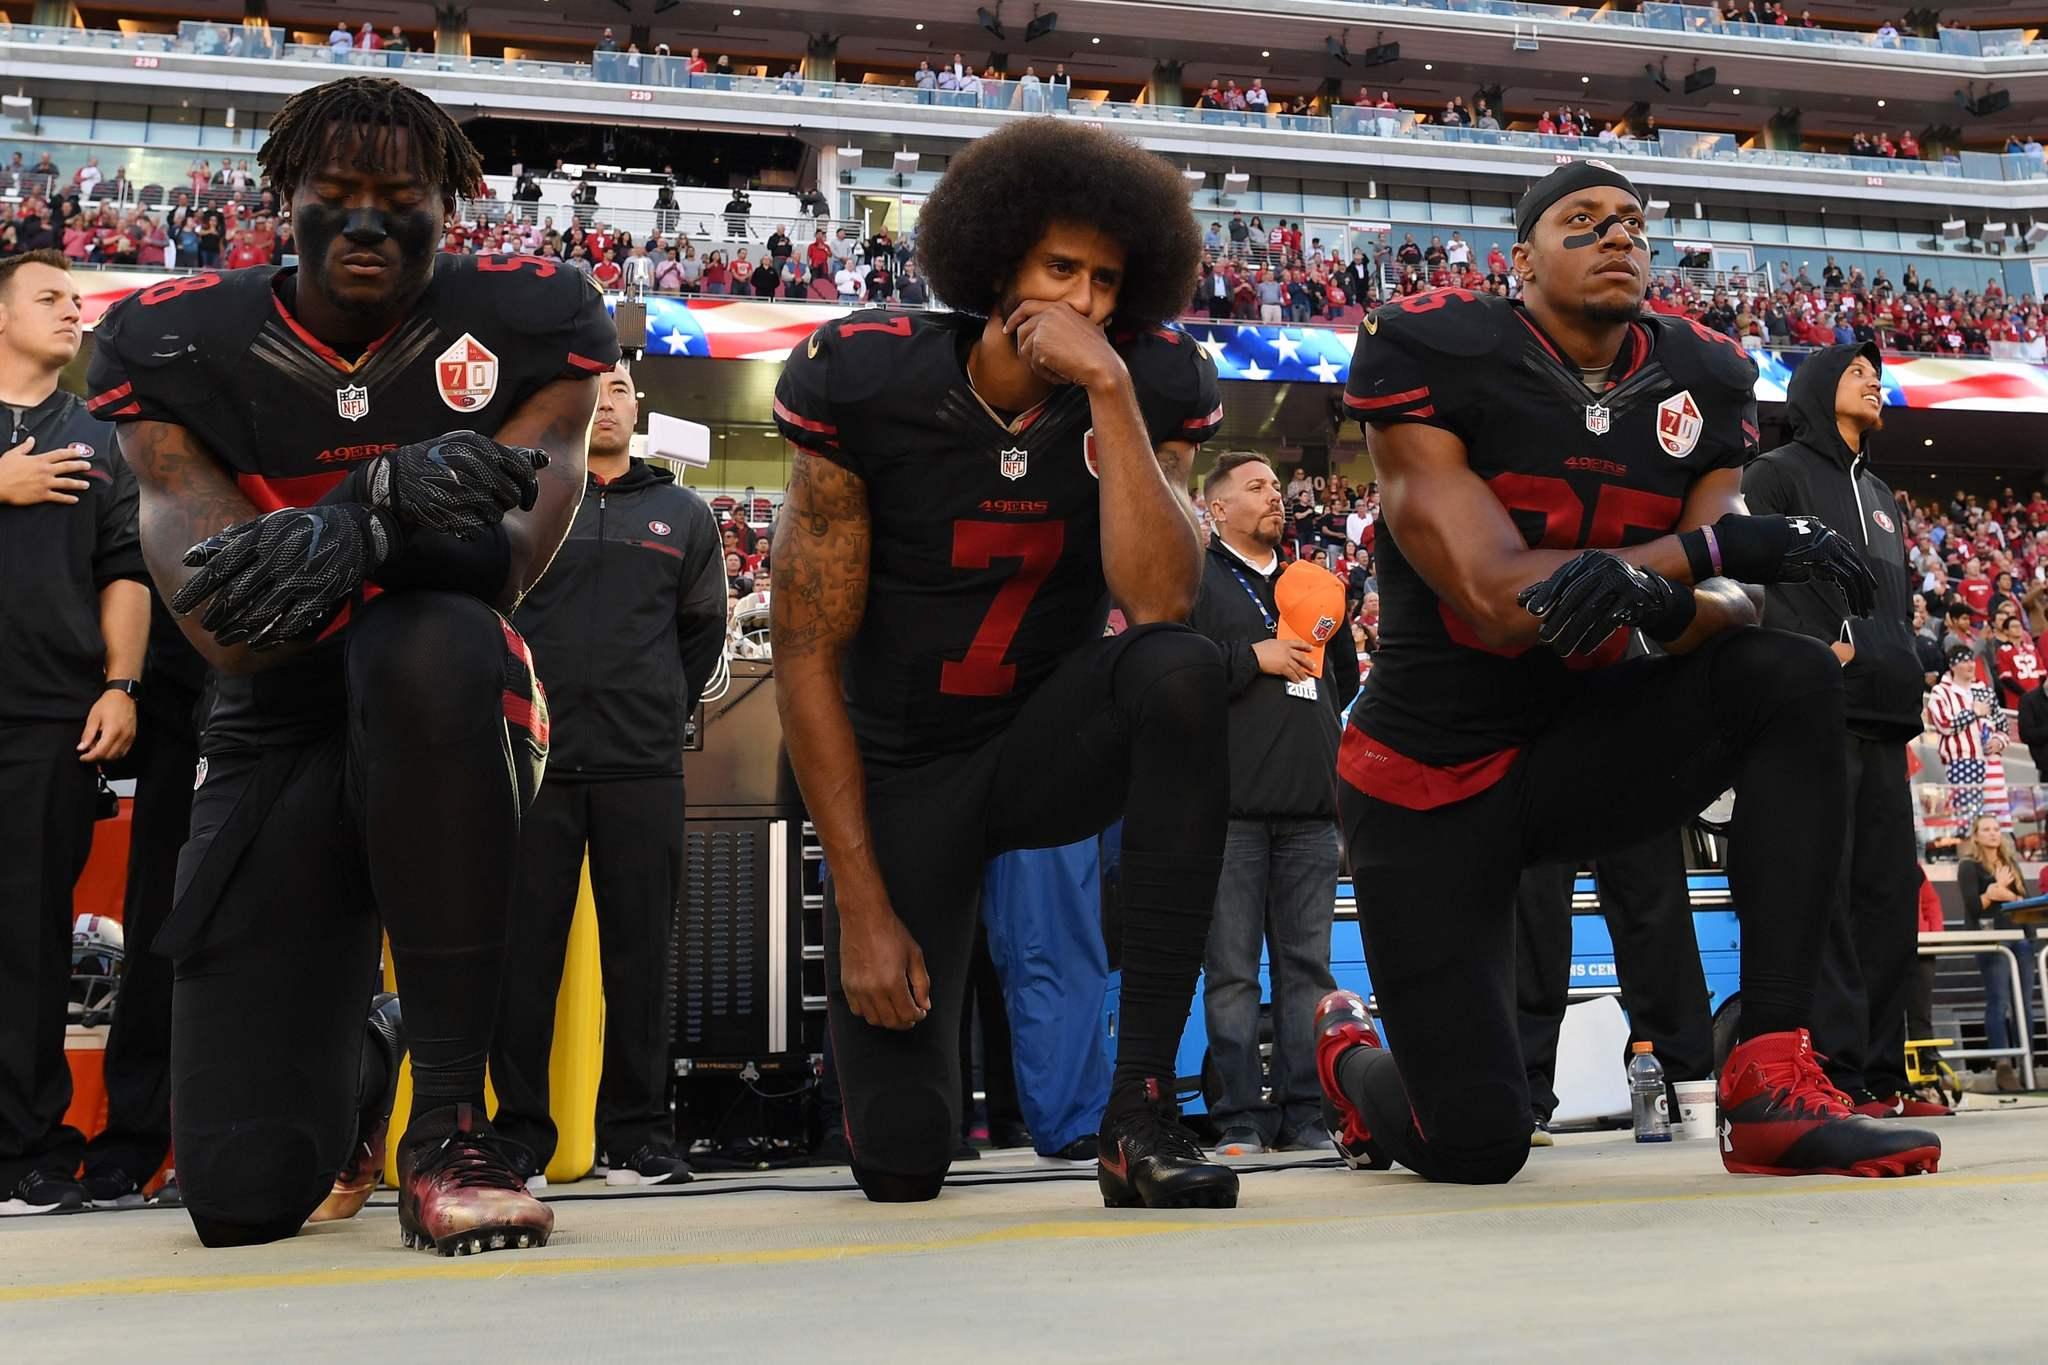 Prohíben protestas durante himno nacional en la NFL